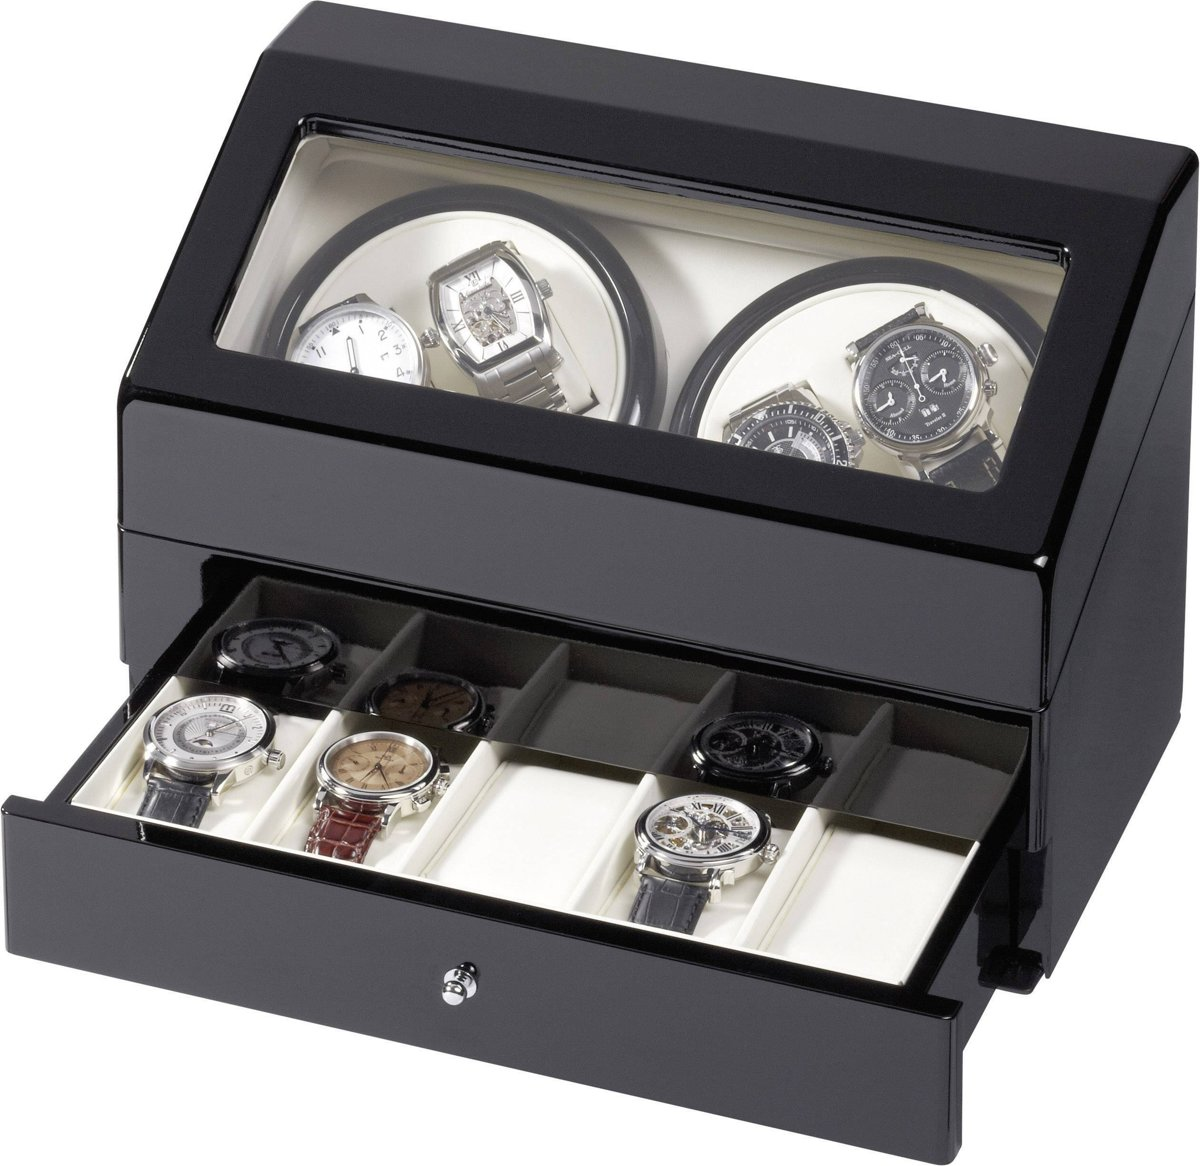 Horlogeopwinder voor 4 automatische horloges Eurochron KA074 kopen